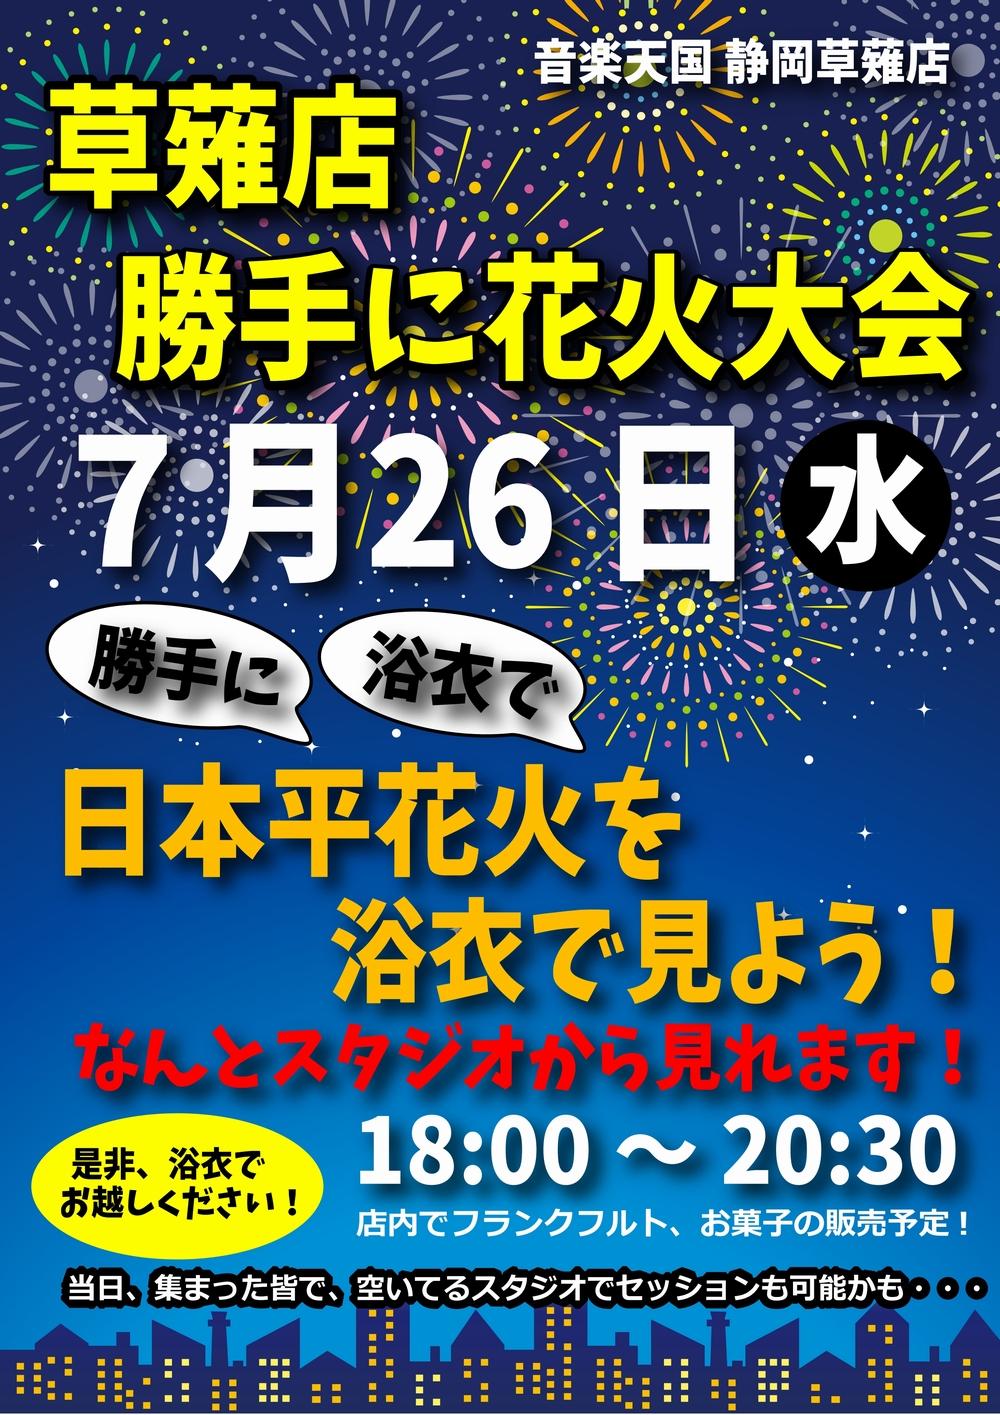 【勝手に花火大会】音楽天国・静岡草薙店7月26日(水)開催